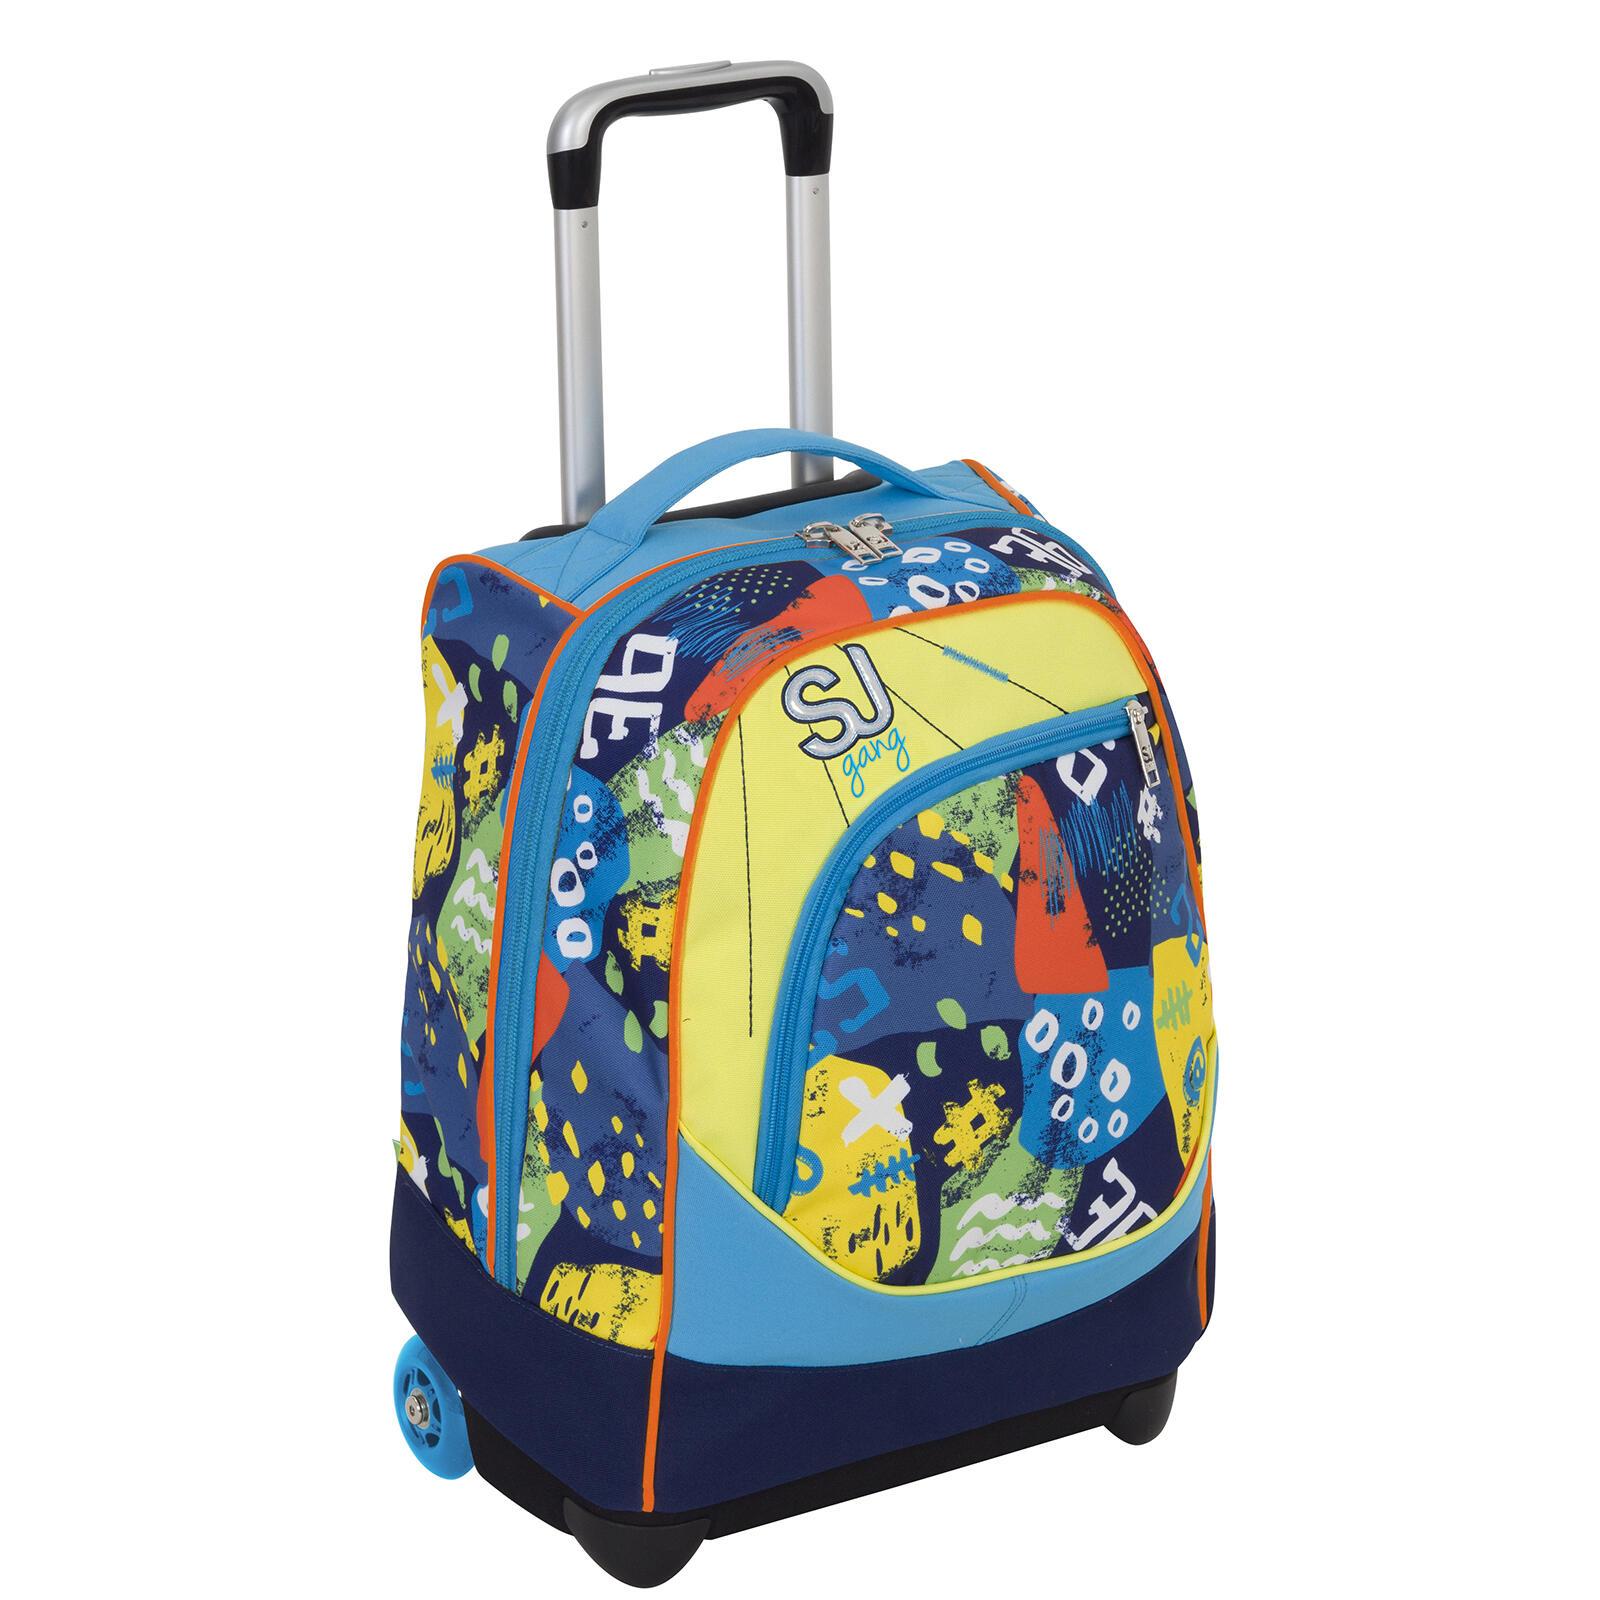 25363357de Zaino Maxi Trolley Boy SJ Gang. Azzurro-Giallo. Cartoleria; Reparto Zaini;  Marca Seven